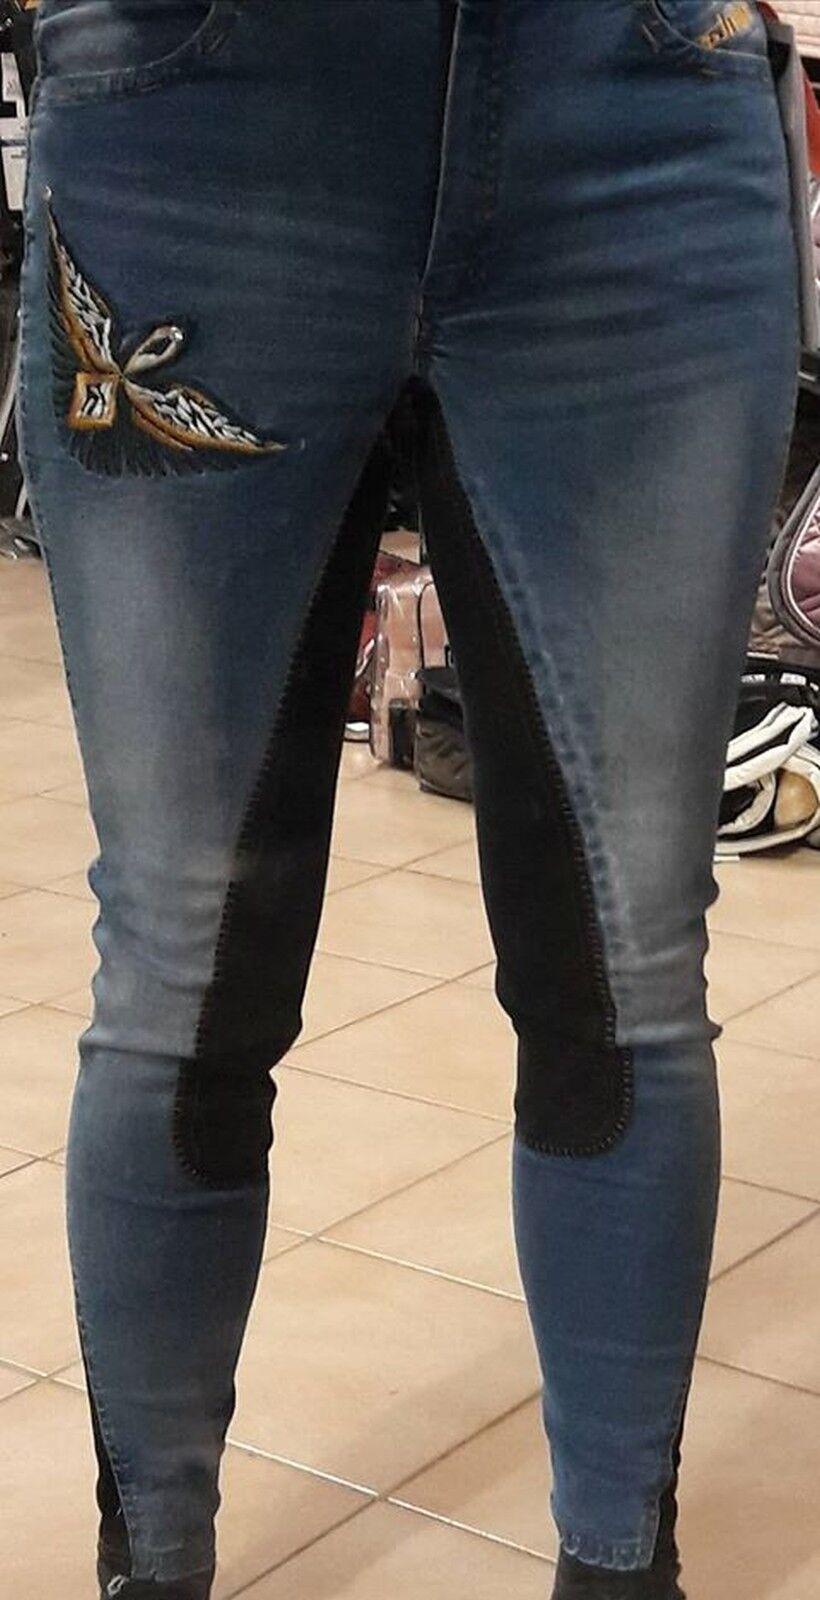 Montar Damenreithose   EAGLE    , denim, Jeansreithose, Ganzbesatz 0c5806